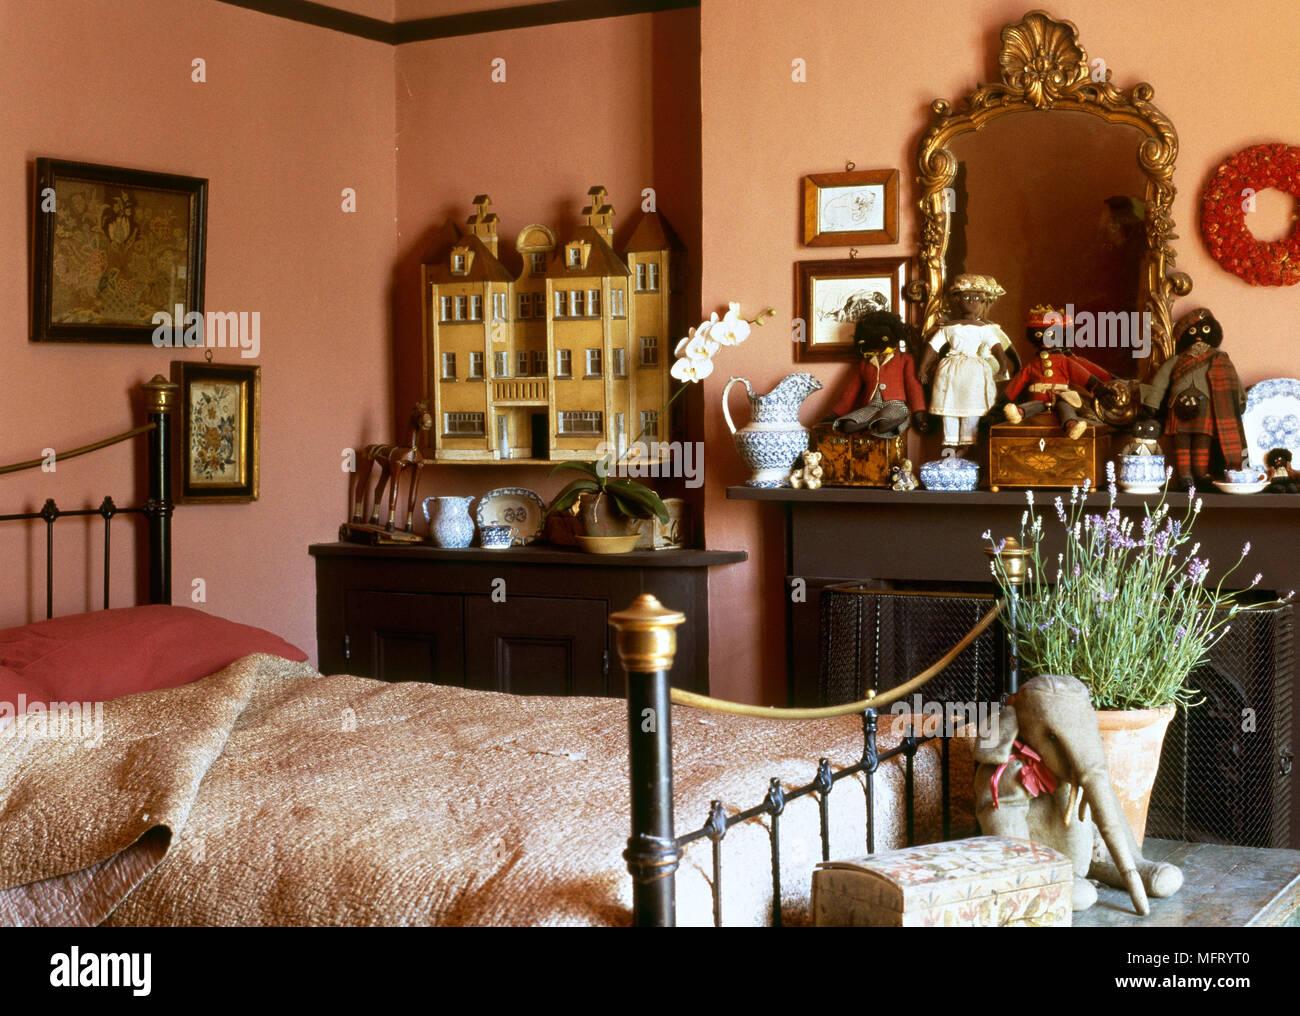 Chambre A Coucher En Terre Cuite Traditionnels En Fer Forge Miroir